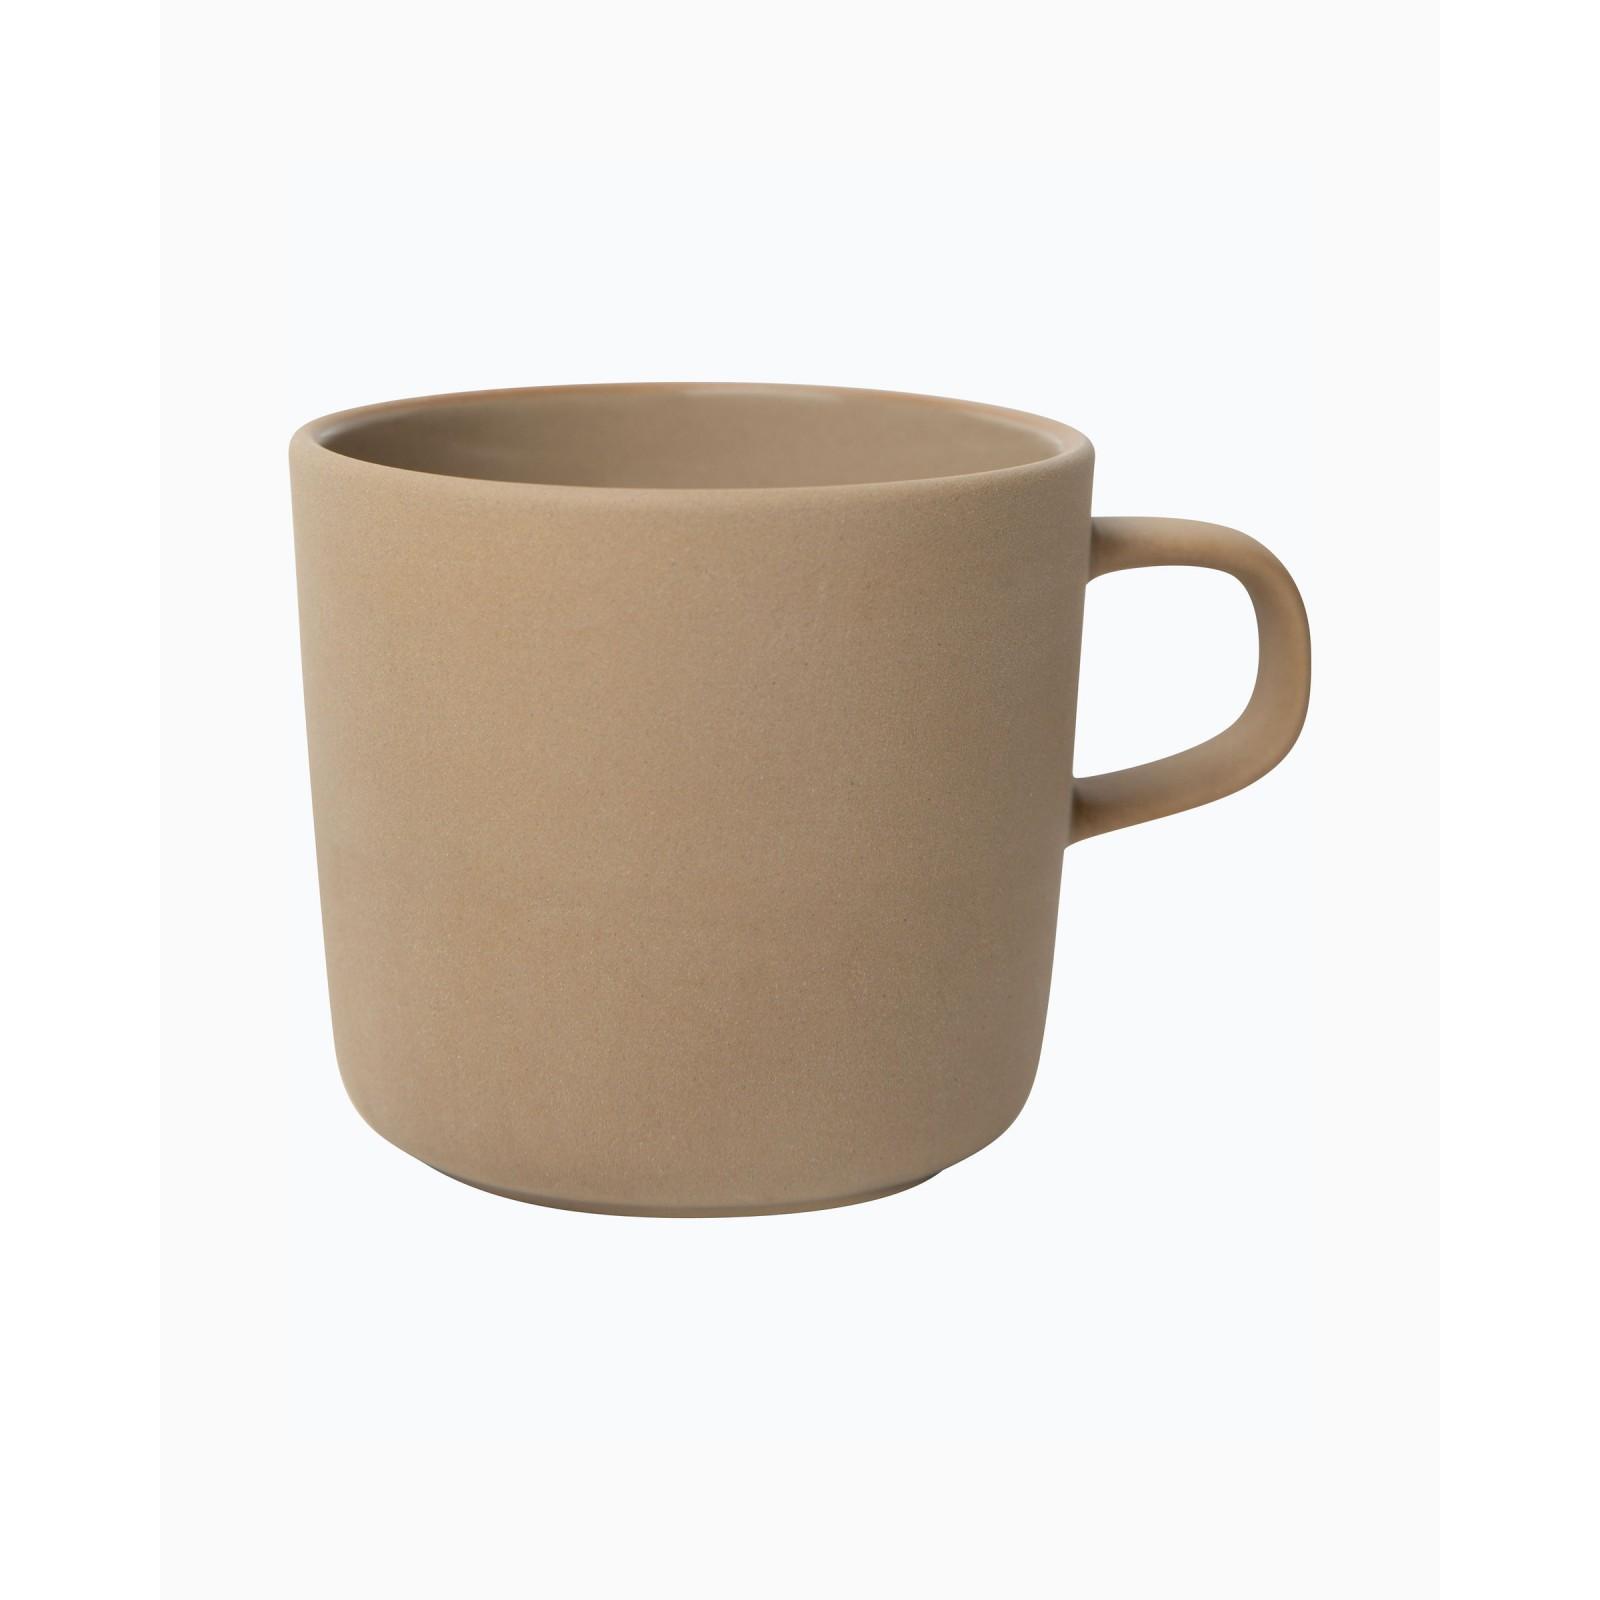 Marimekko Cup w/ Handle Terra 2dl